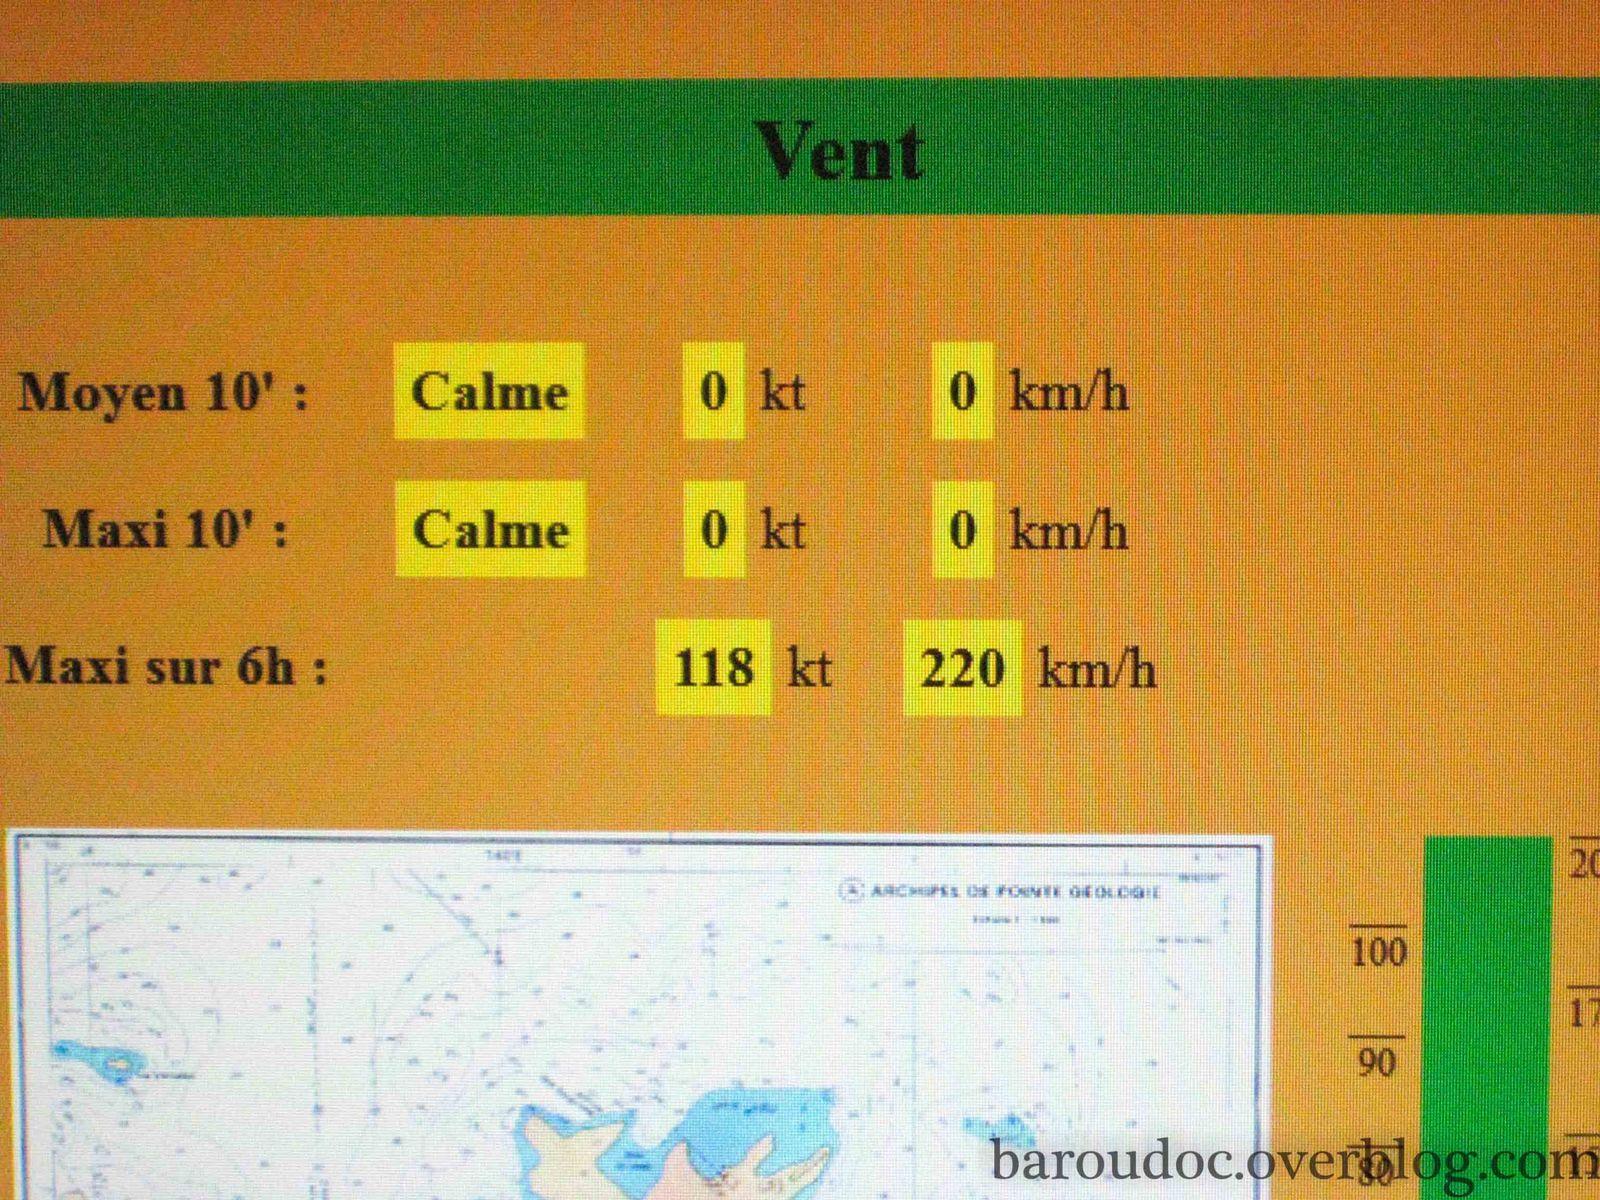 L'anémomètre n'a pas aimé &#x3B; il s'obstine à indiquer 0 km/h !